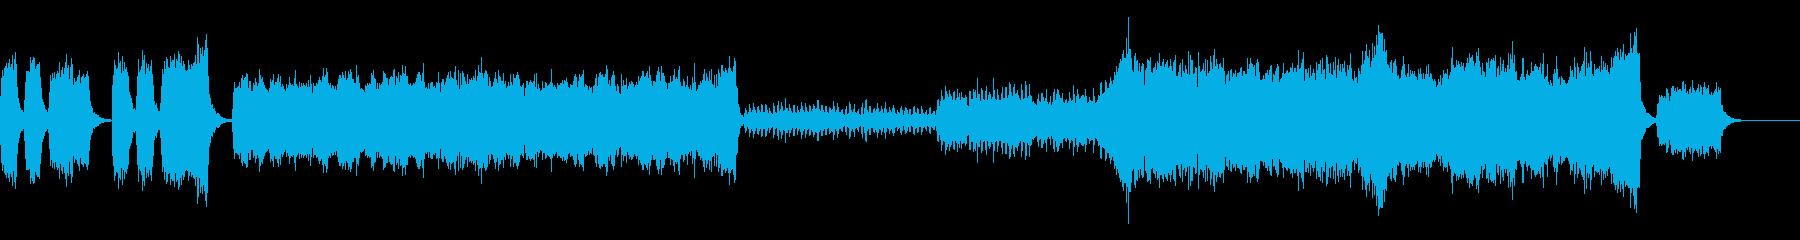 合唱系の壮大な音楽です。の再生済みの波形